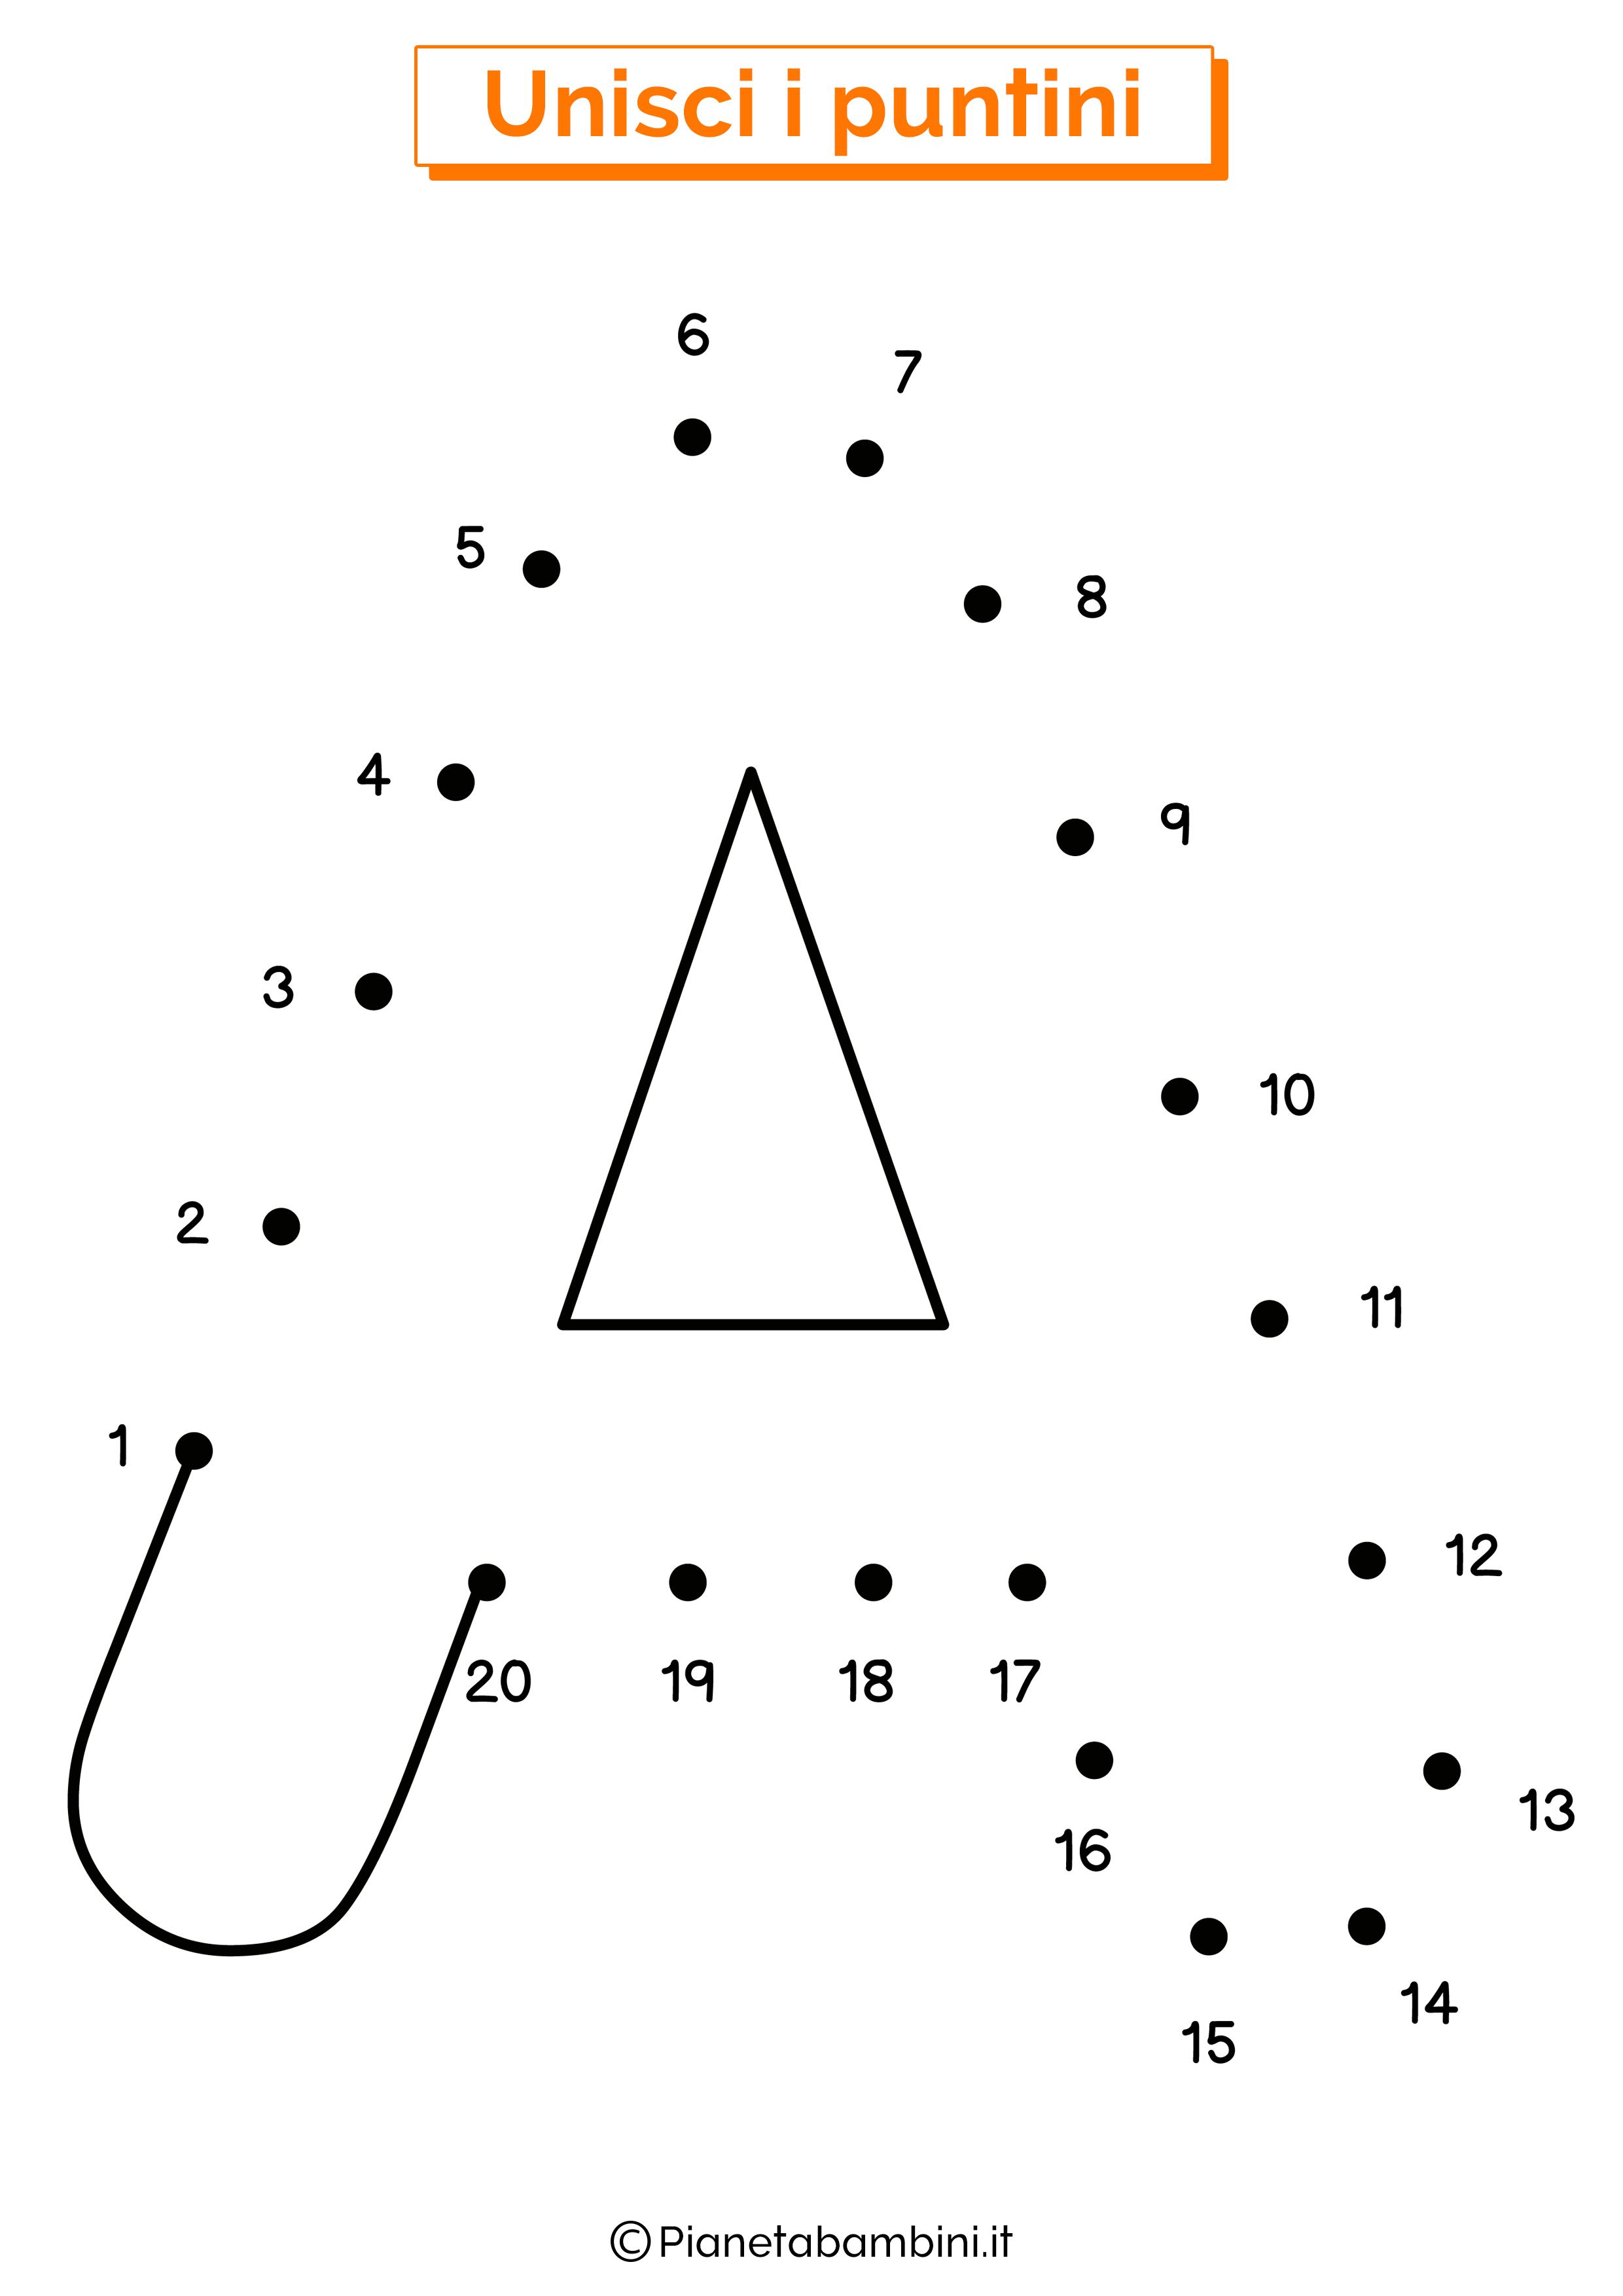 Unisci i puntini con la lettera A